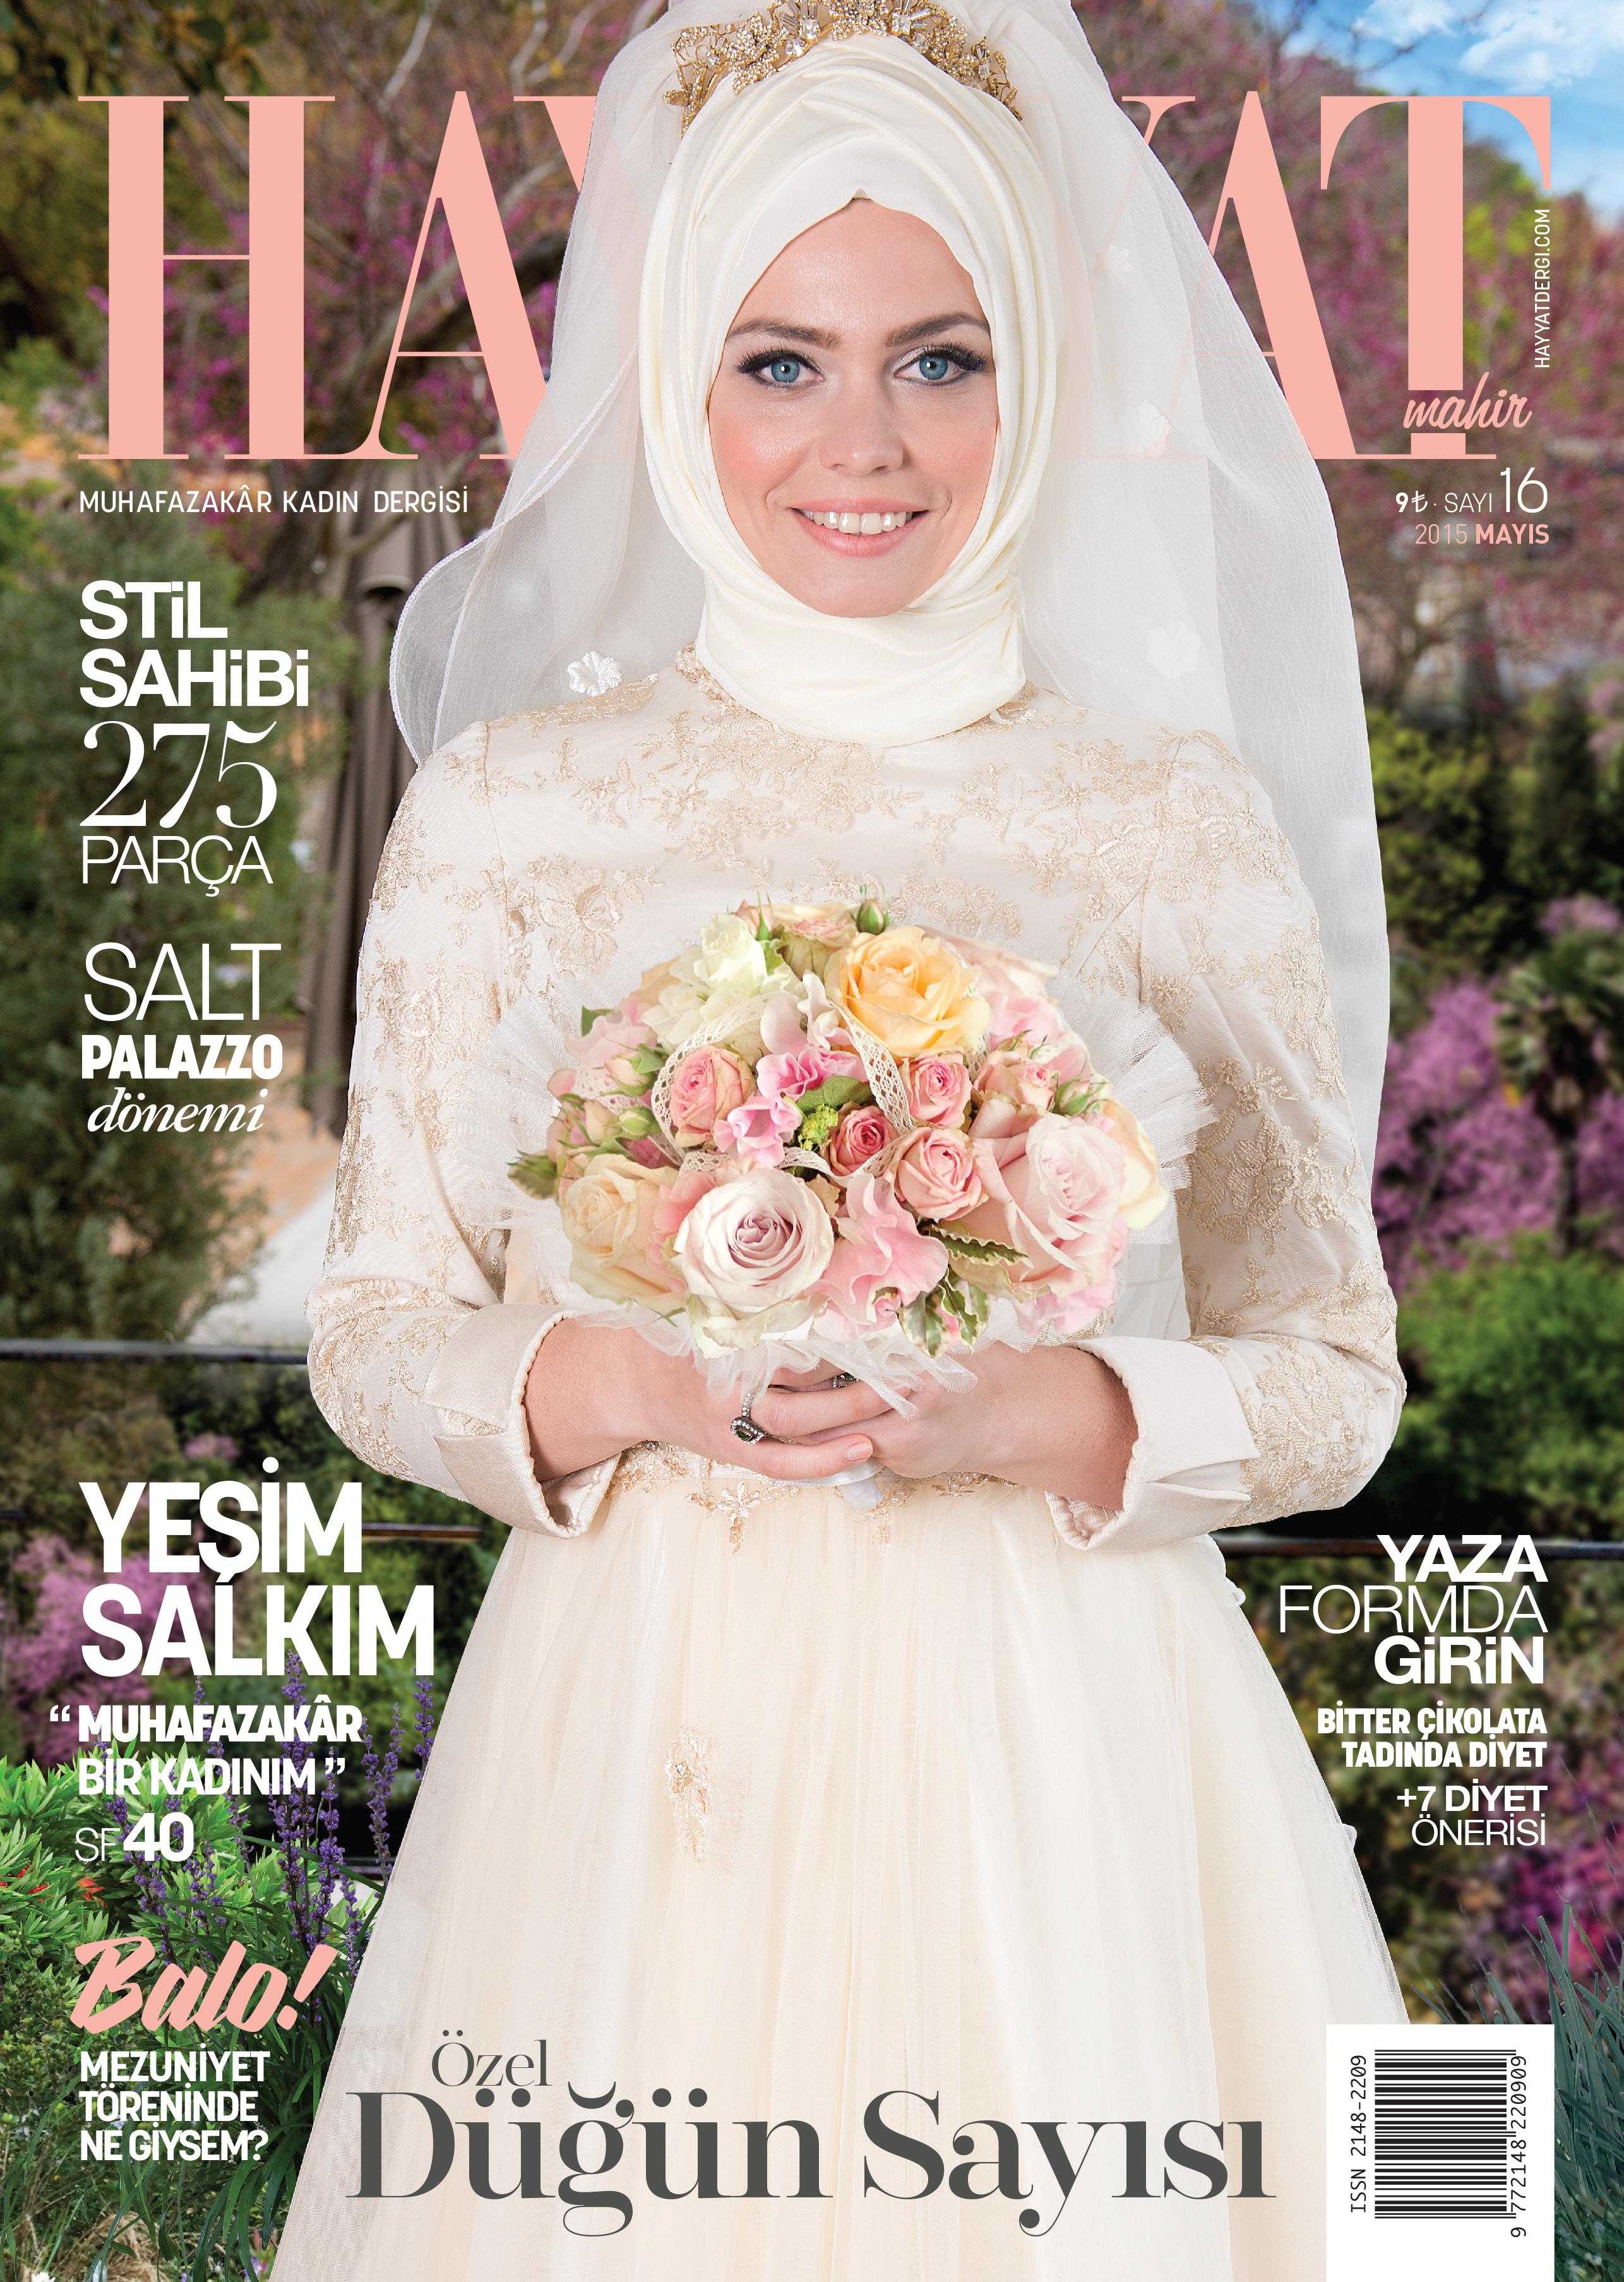 Stil Sahibi Kadınların Dergisi: HAYYAT